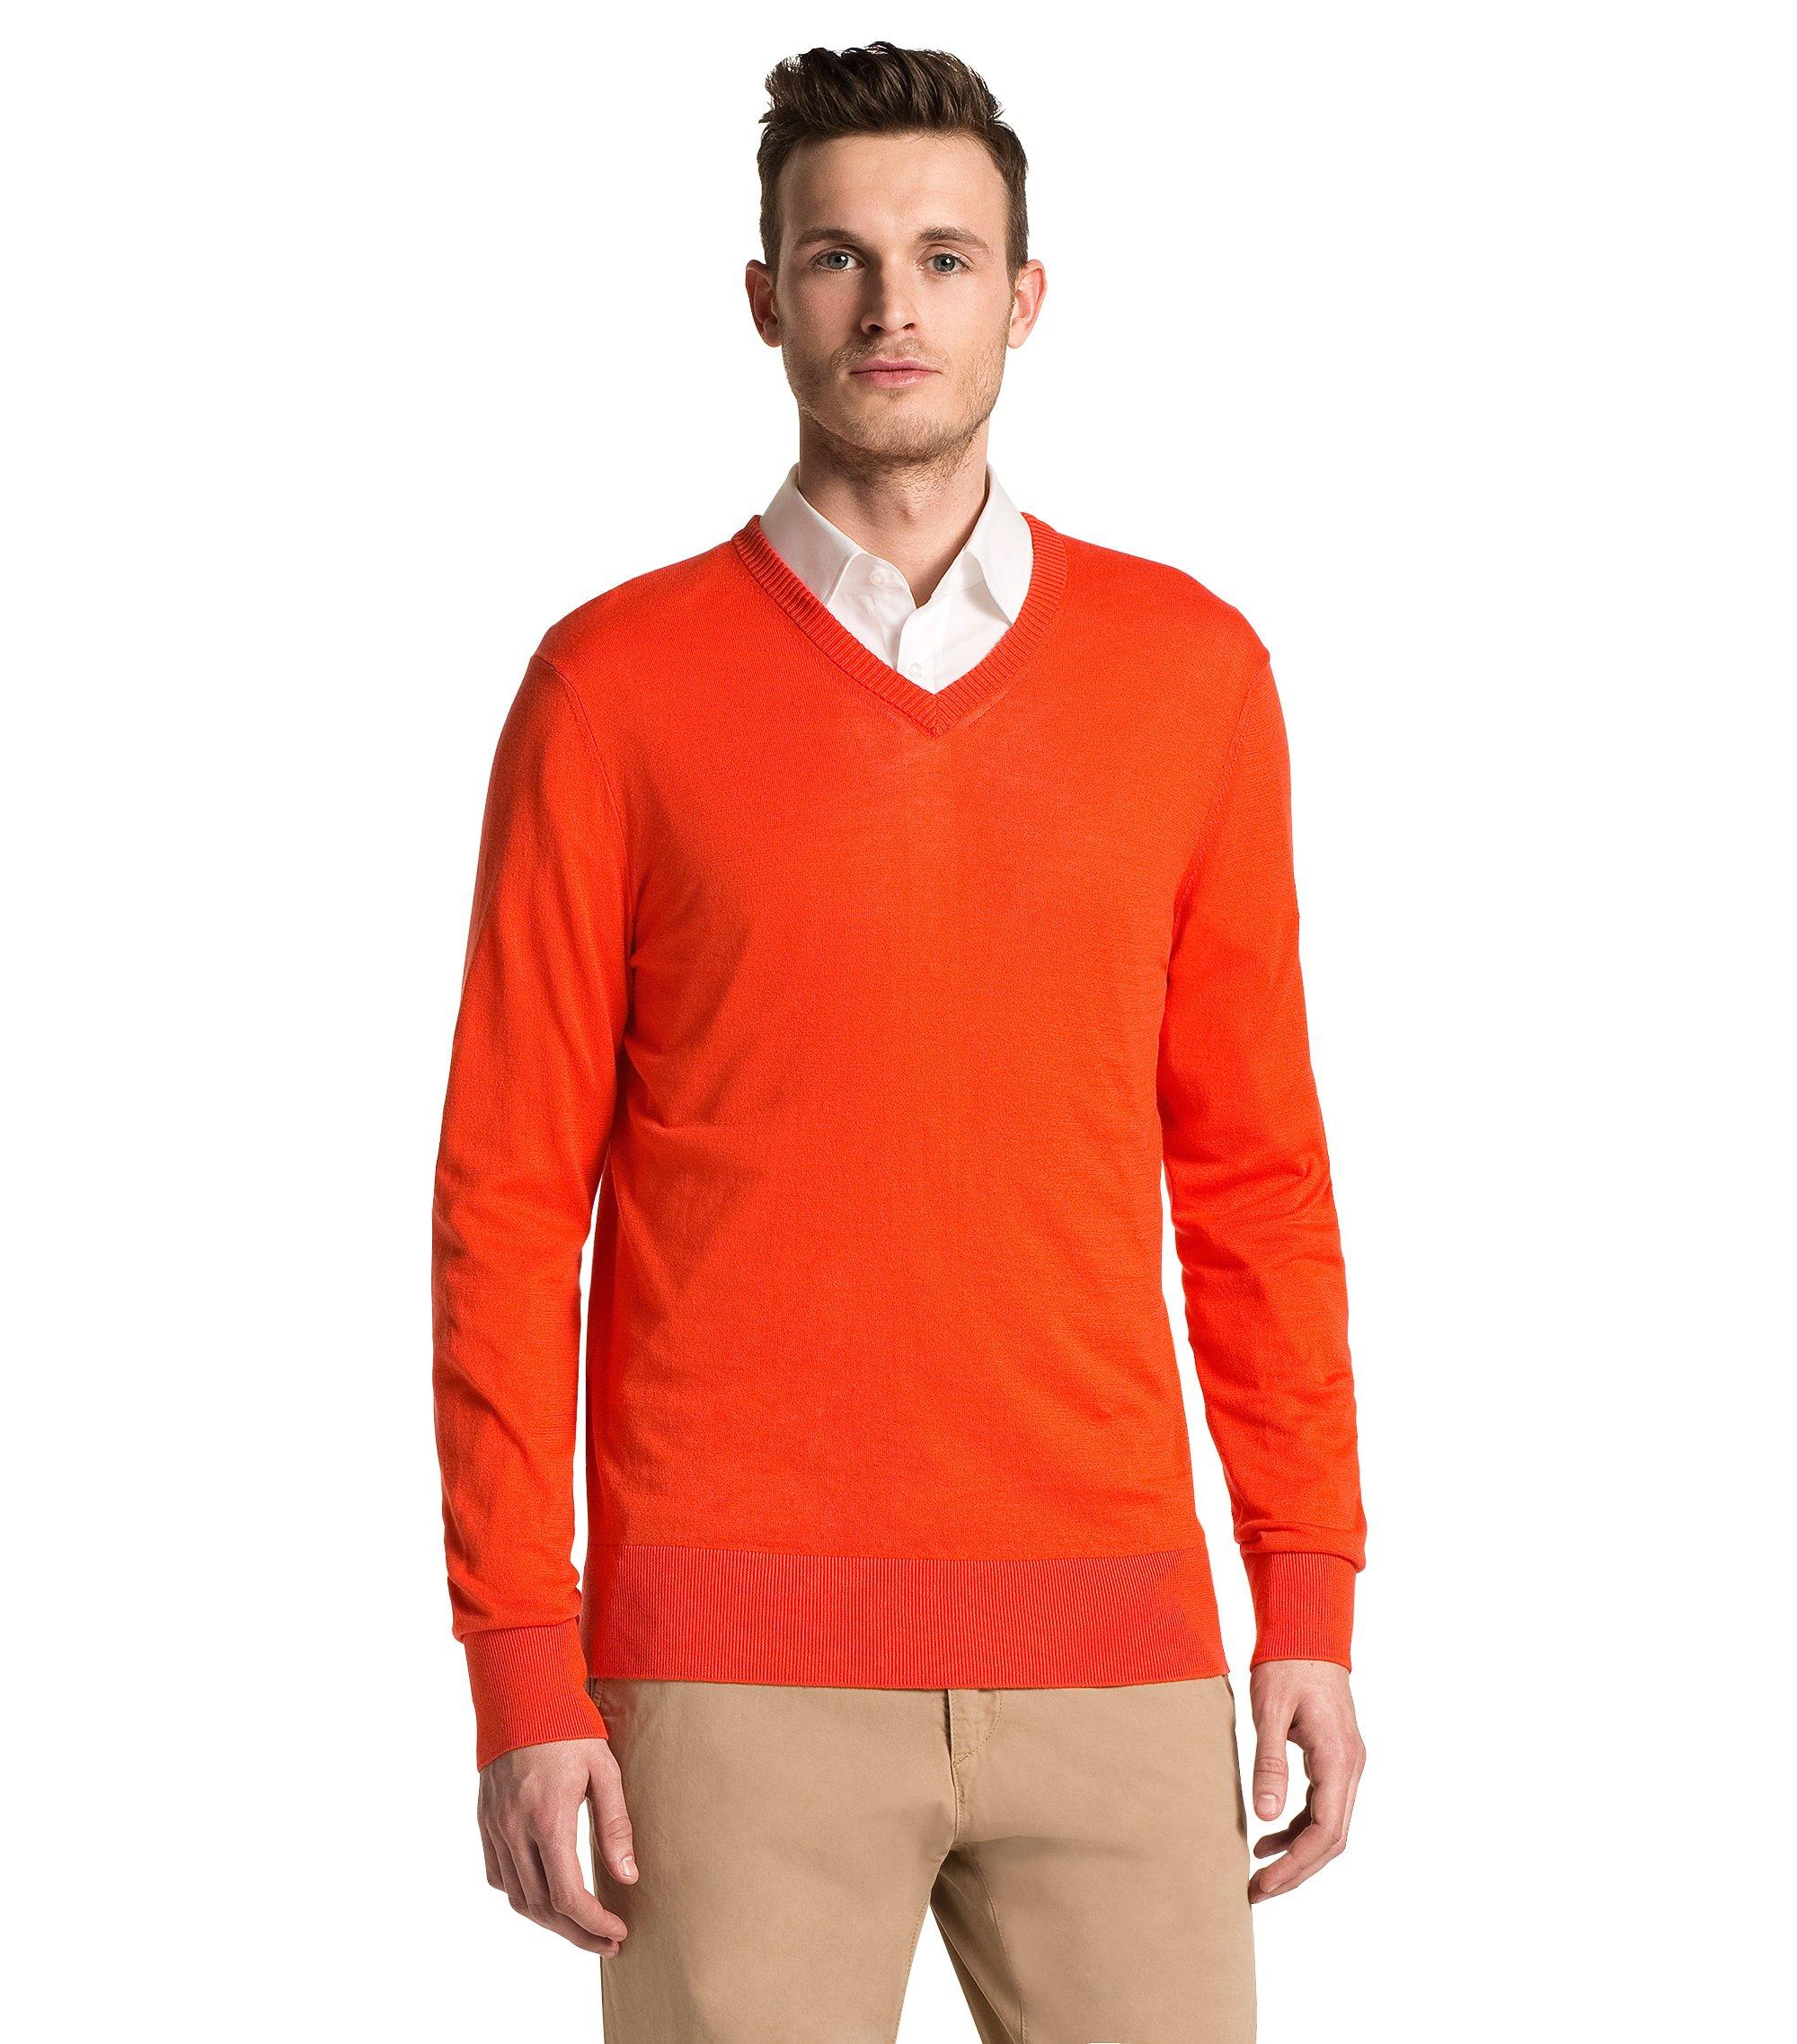 Pull-over en coton, Sacorco, Orange